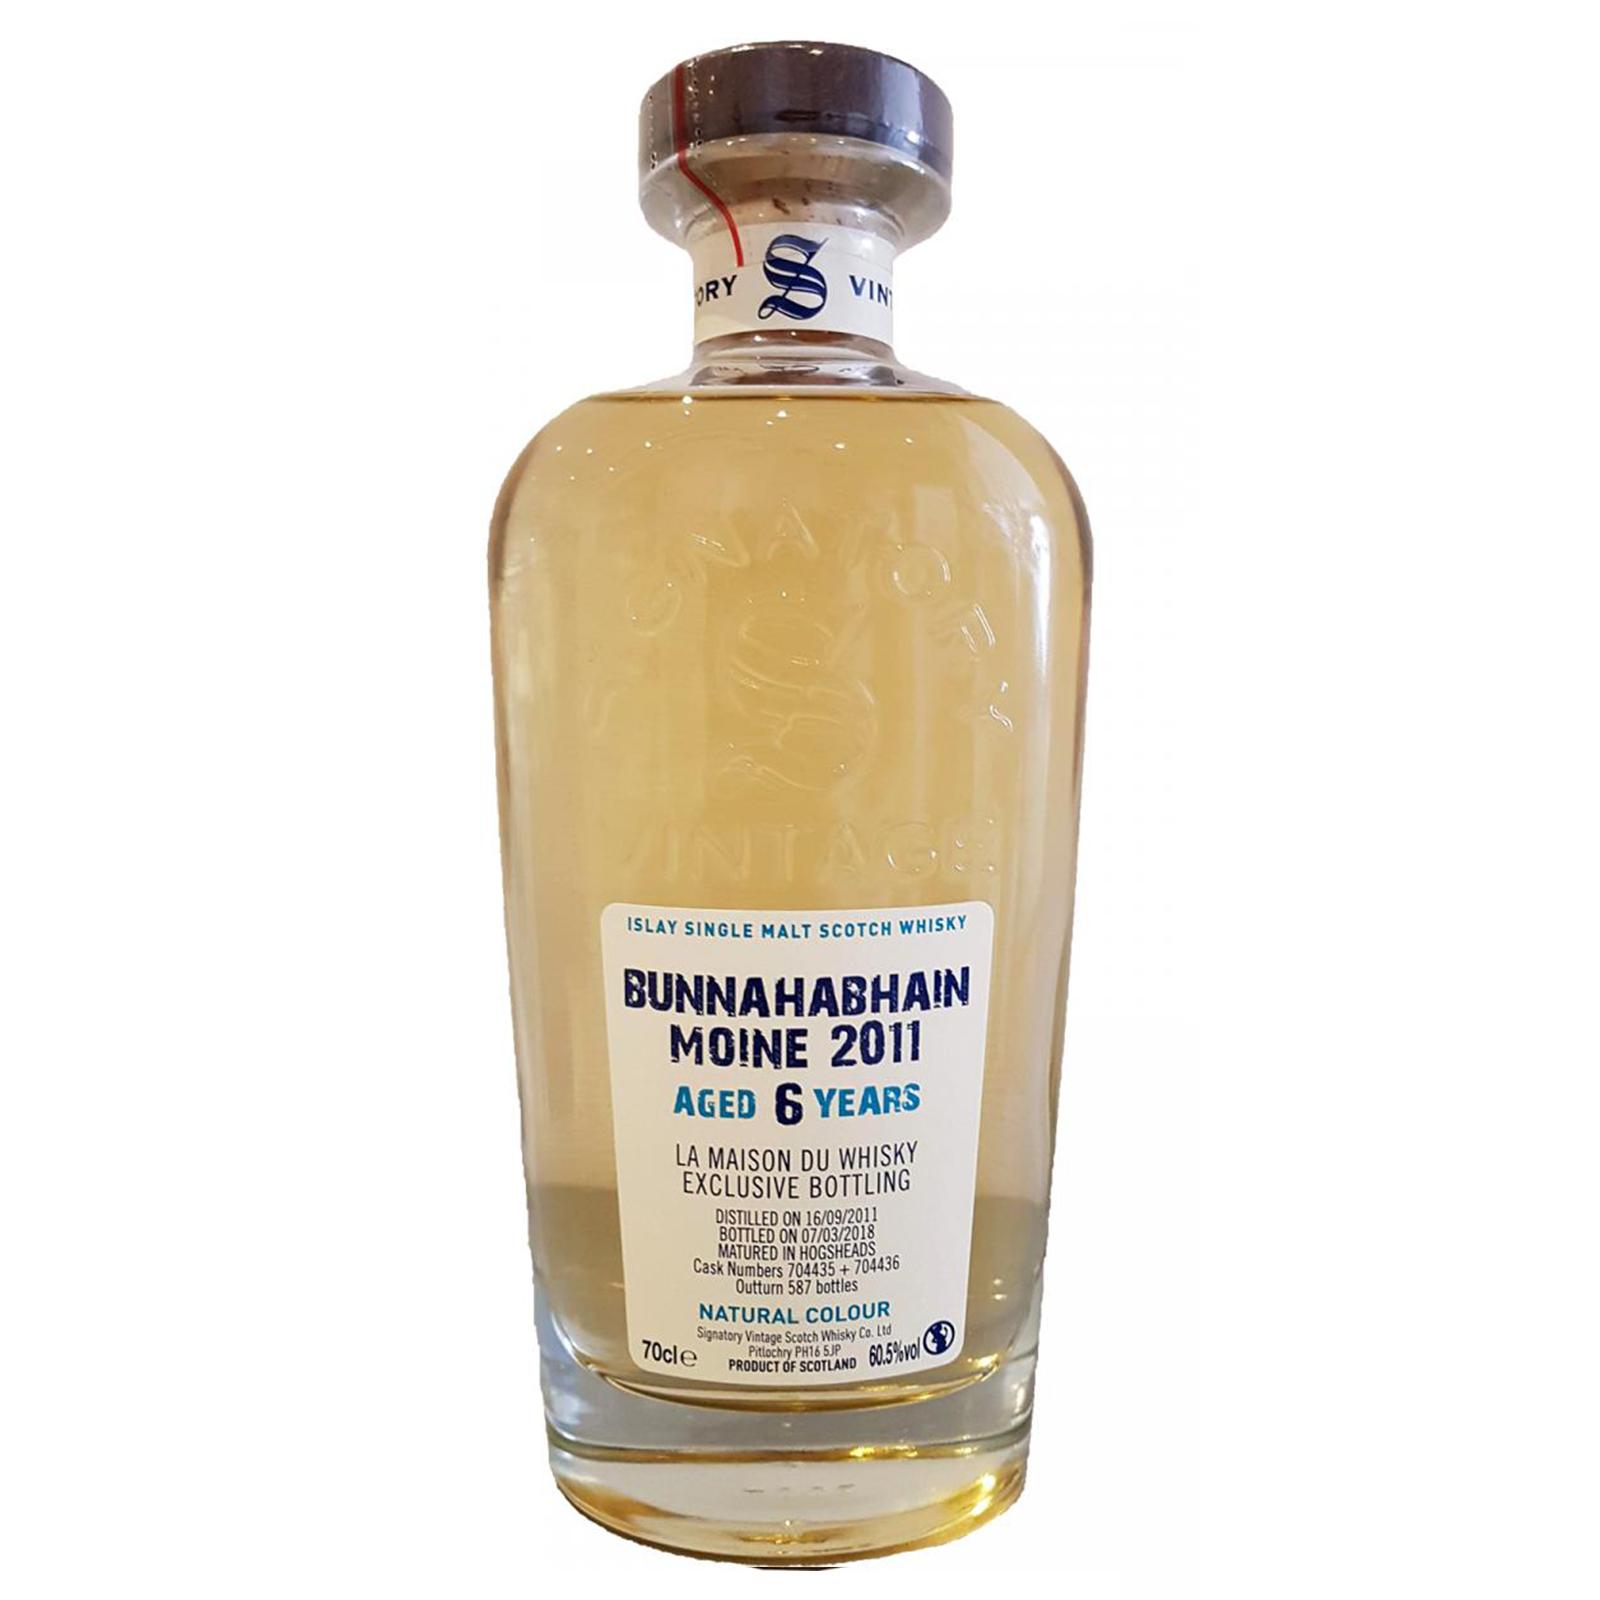 Bunnahabhain 2011 6 years – cask #704435 #704436